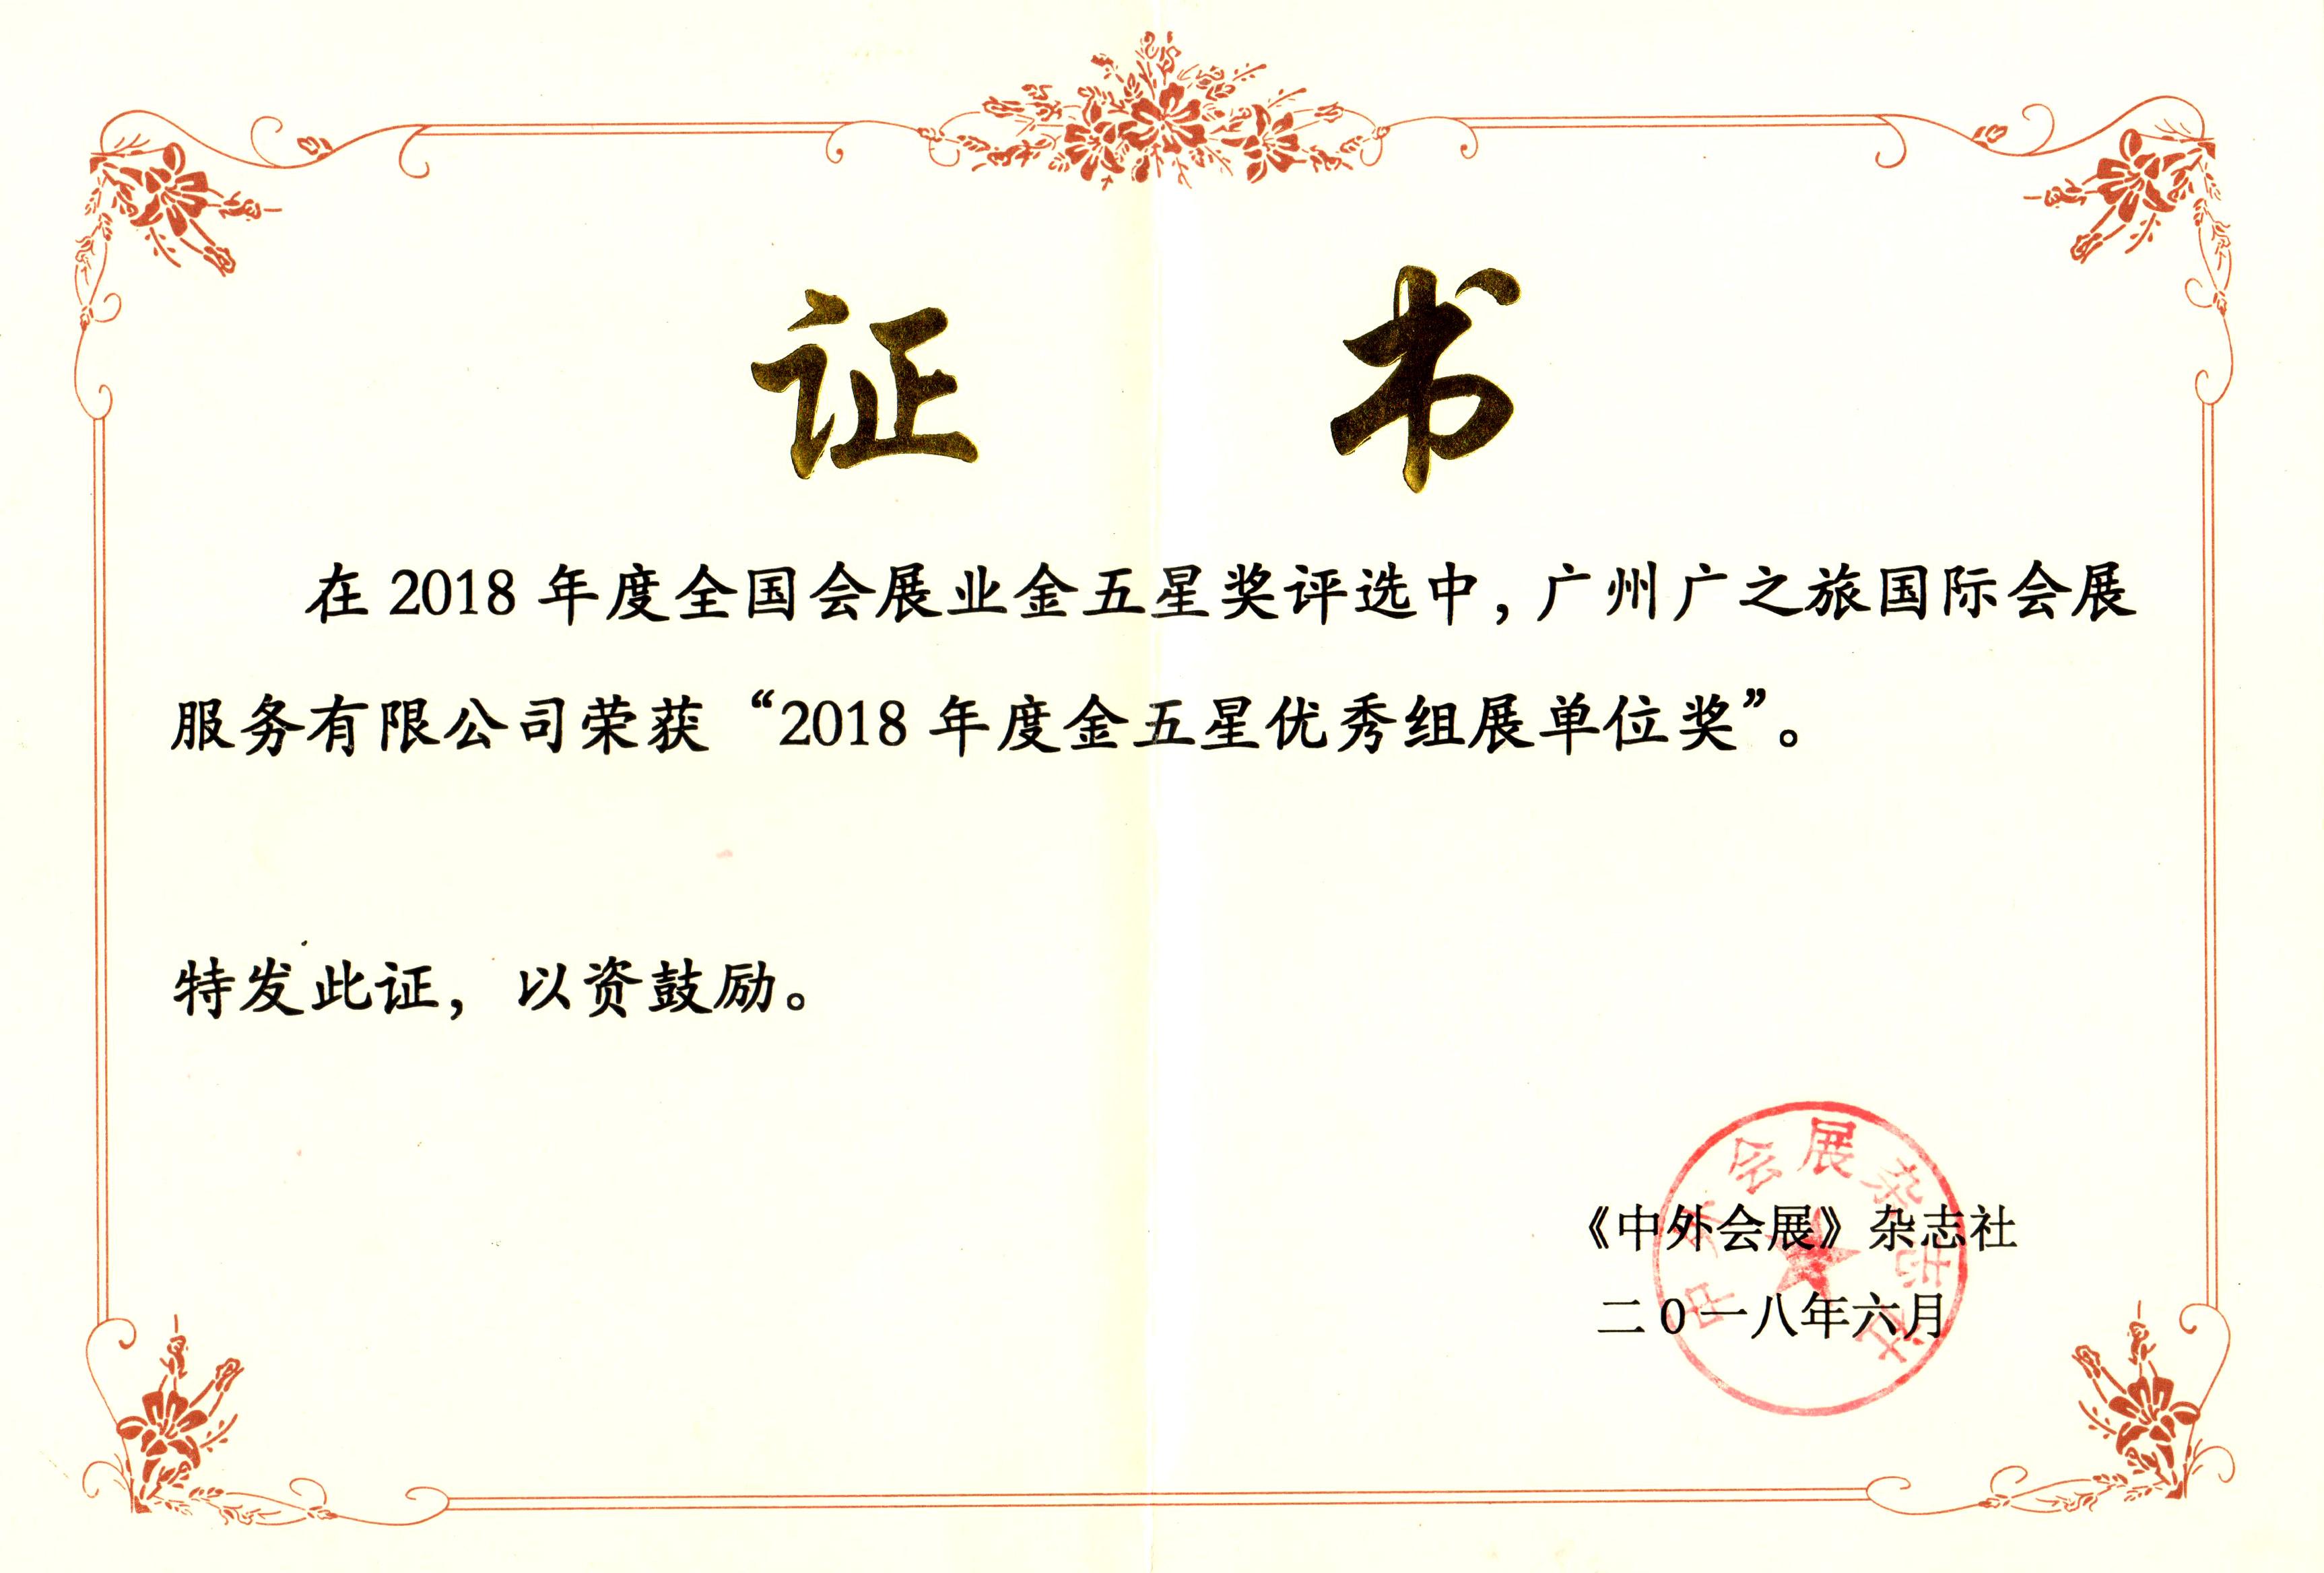 2018年度金五星优秀组展单位奖